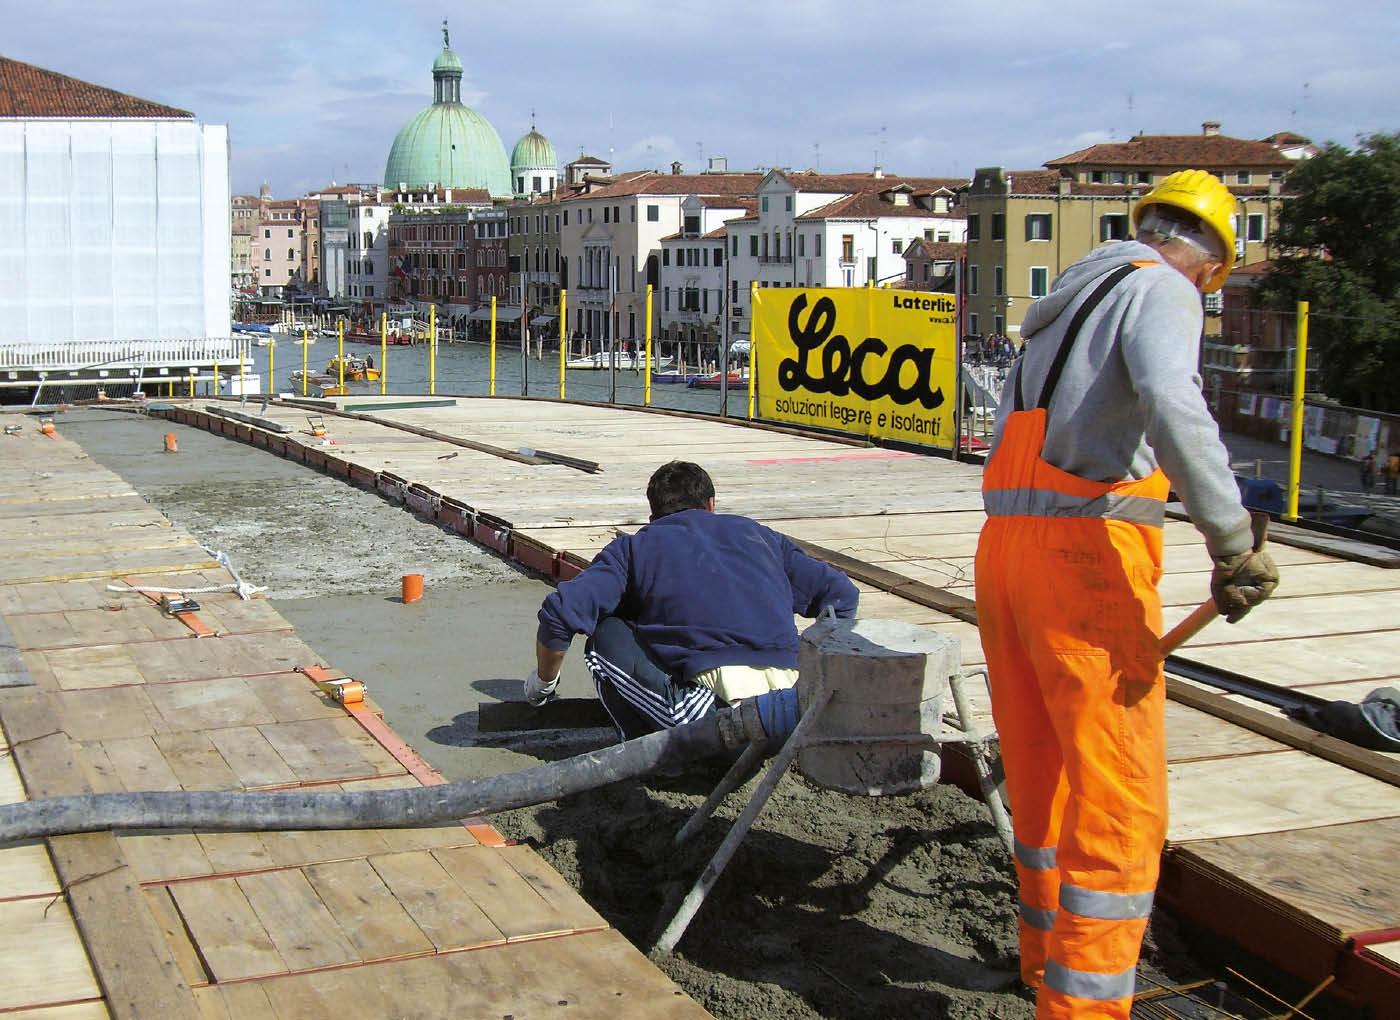 ponte-calatrava-venezia-lecacls-1400-P22-7